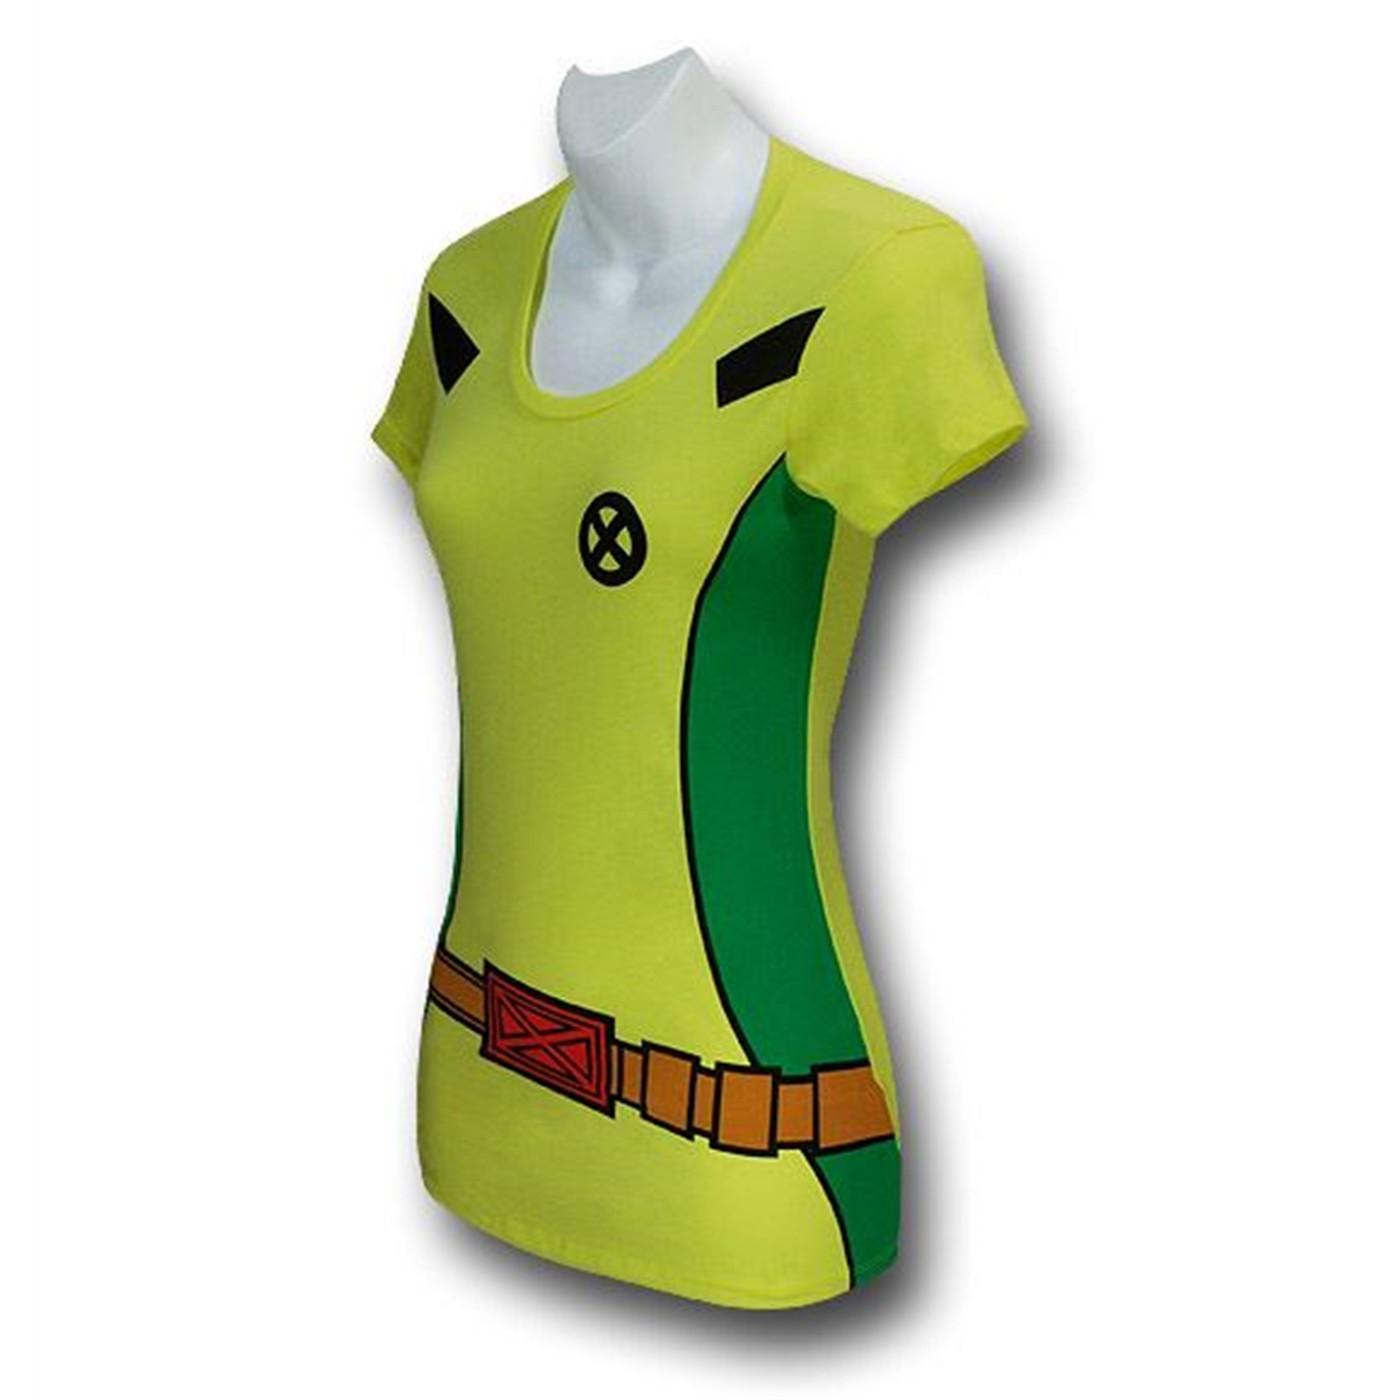 Rogue Women's Costume T-Shirt